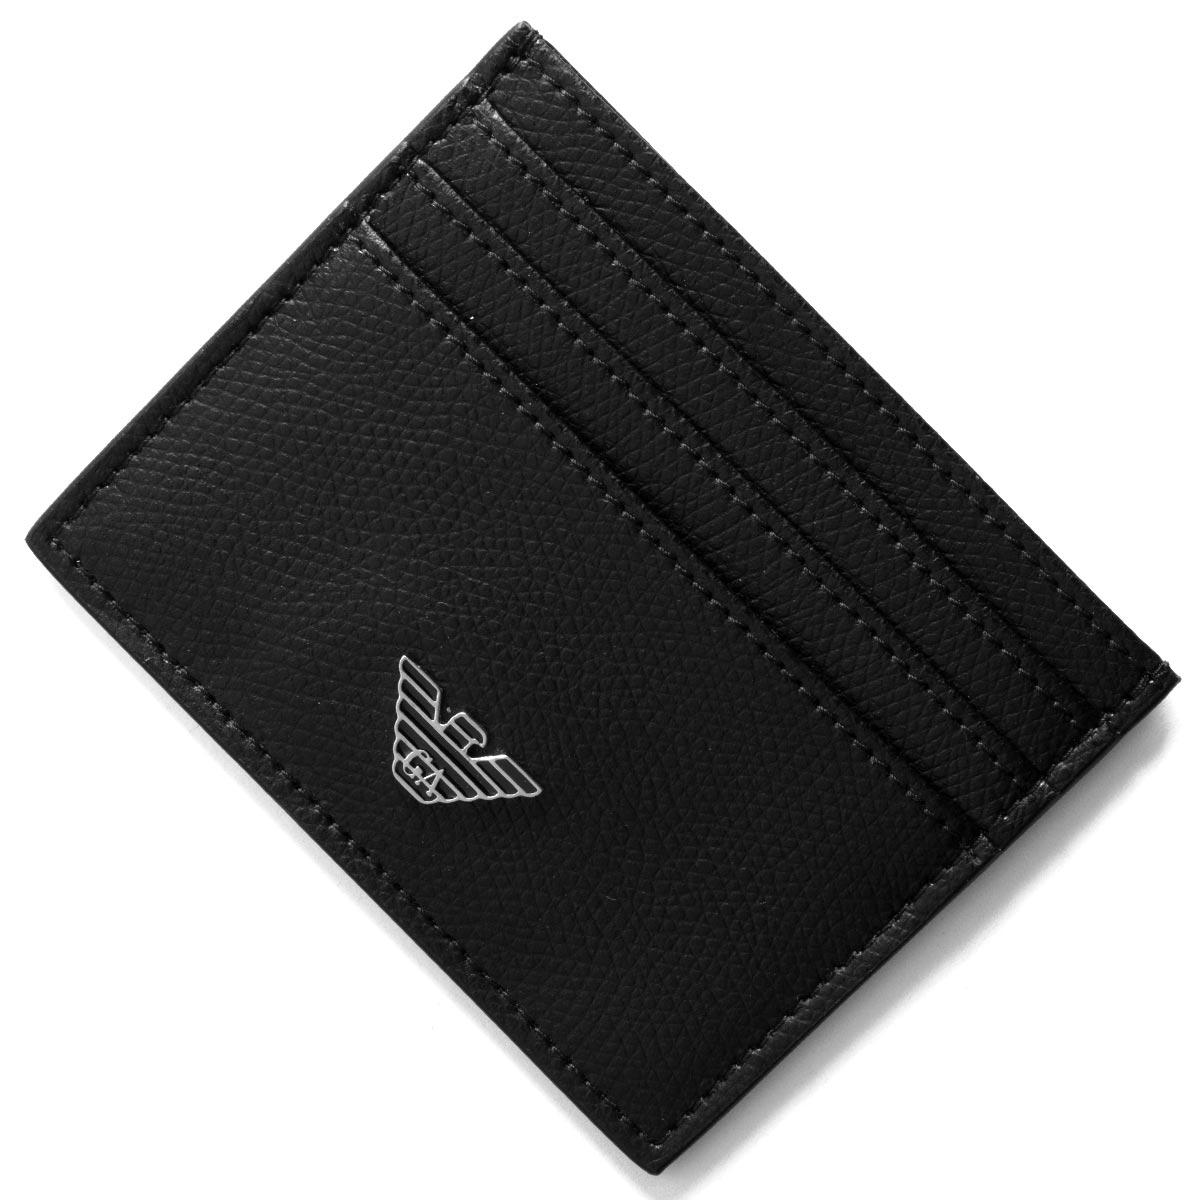 エンポリオアルマーニ クレジットカードケース メンズ イーグルマーク ブラック YEM320 YAQ2E 81072 EMPORIO ARMANI